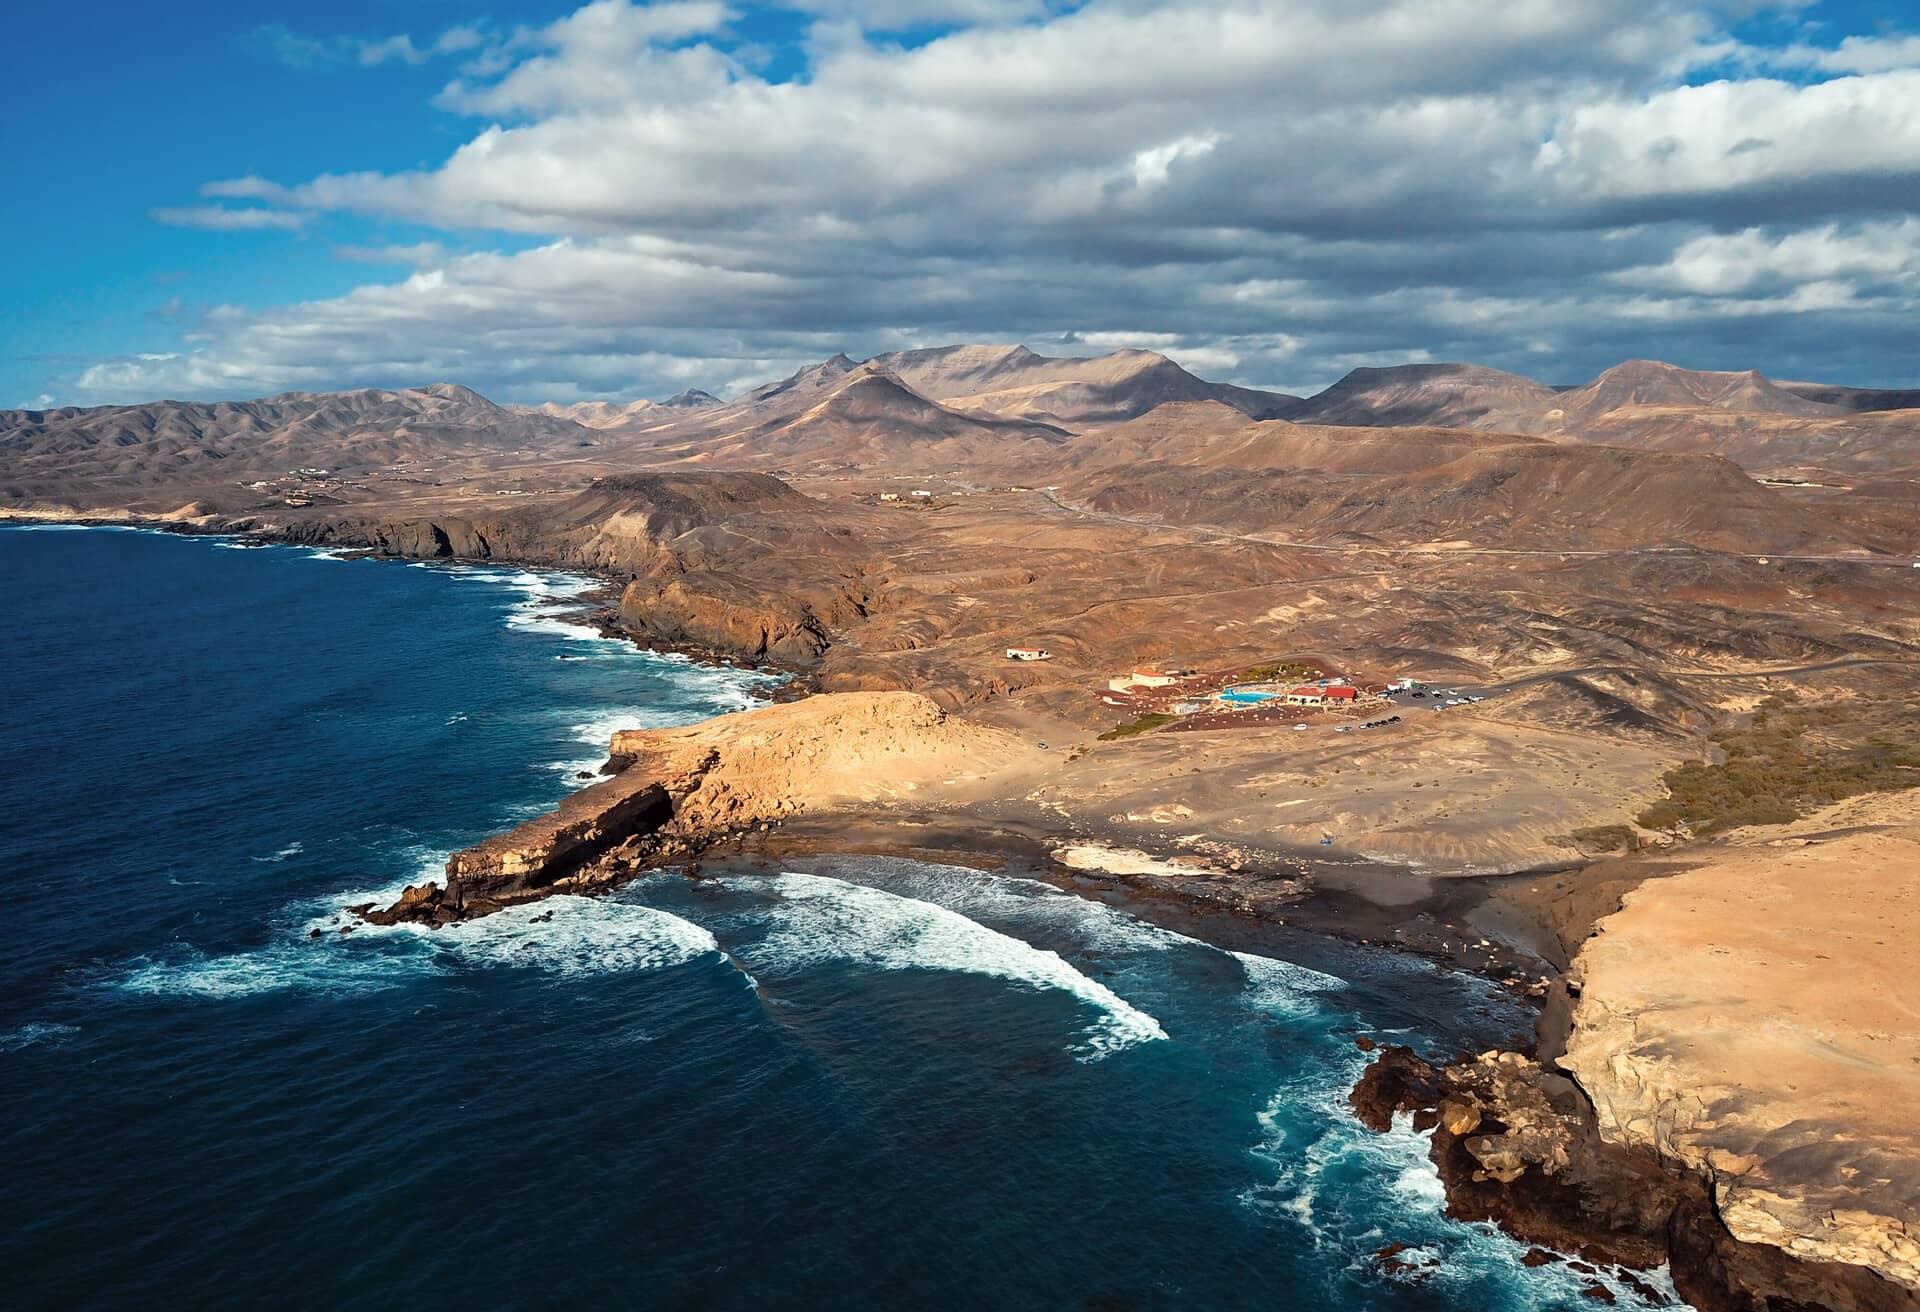 Vista mozzafiato sulle Isole Canarie fuori stagione.